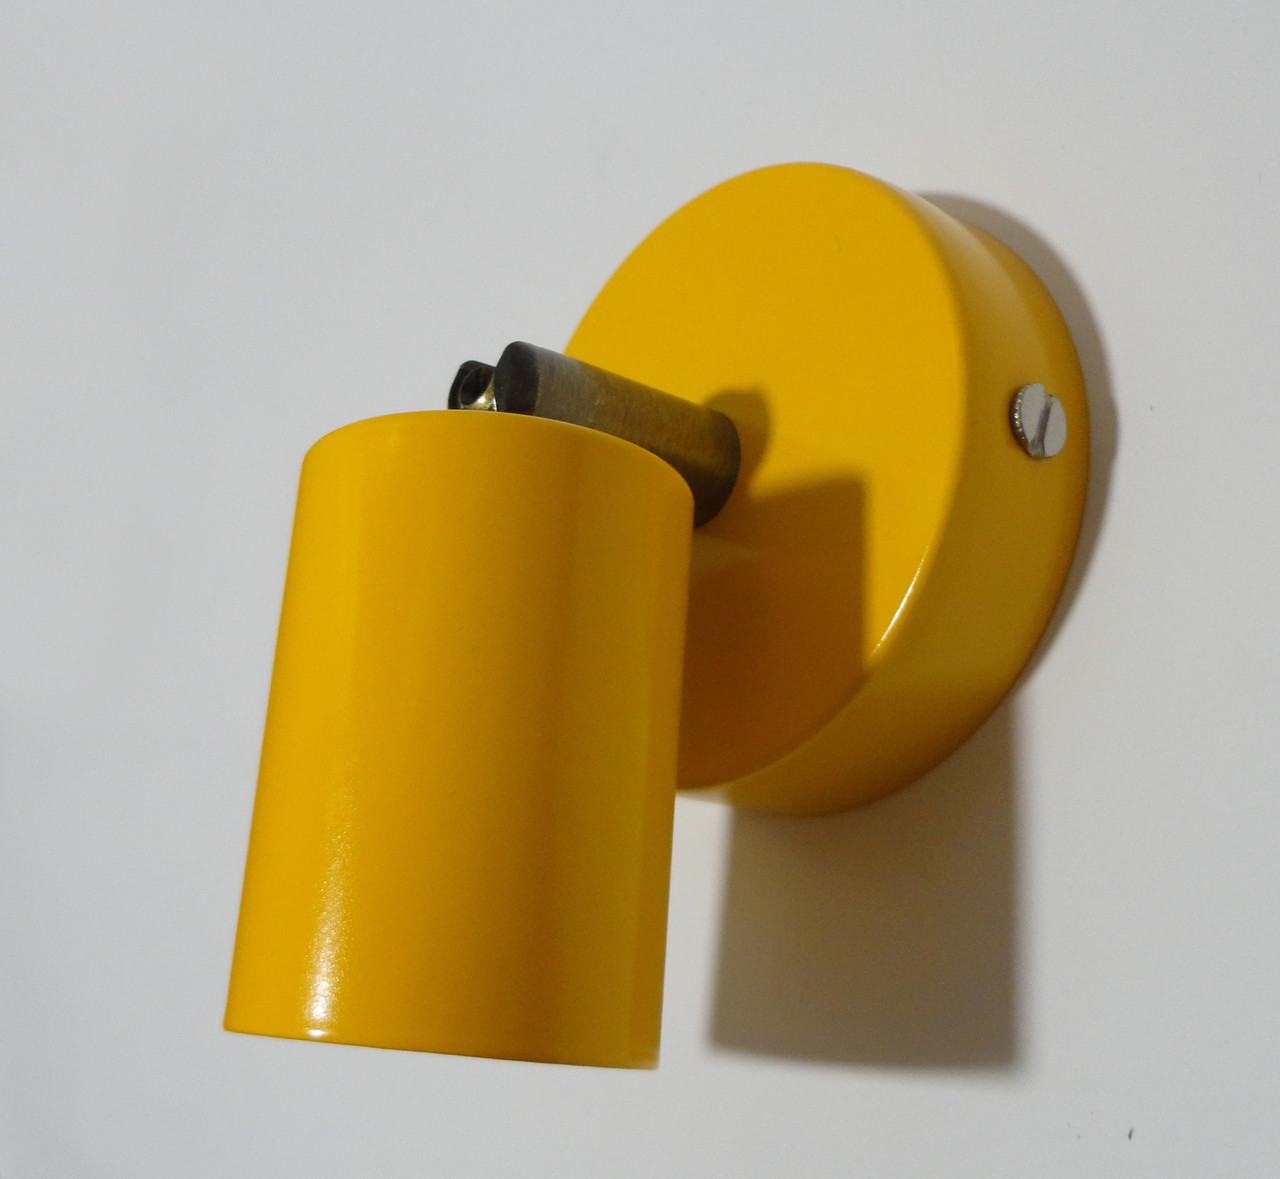 Настенный светильник, спот поворотный, потолочная лампа, на одну лампу, оранжевый цвет